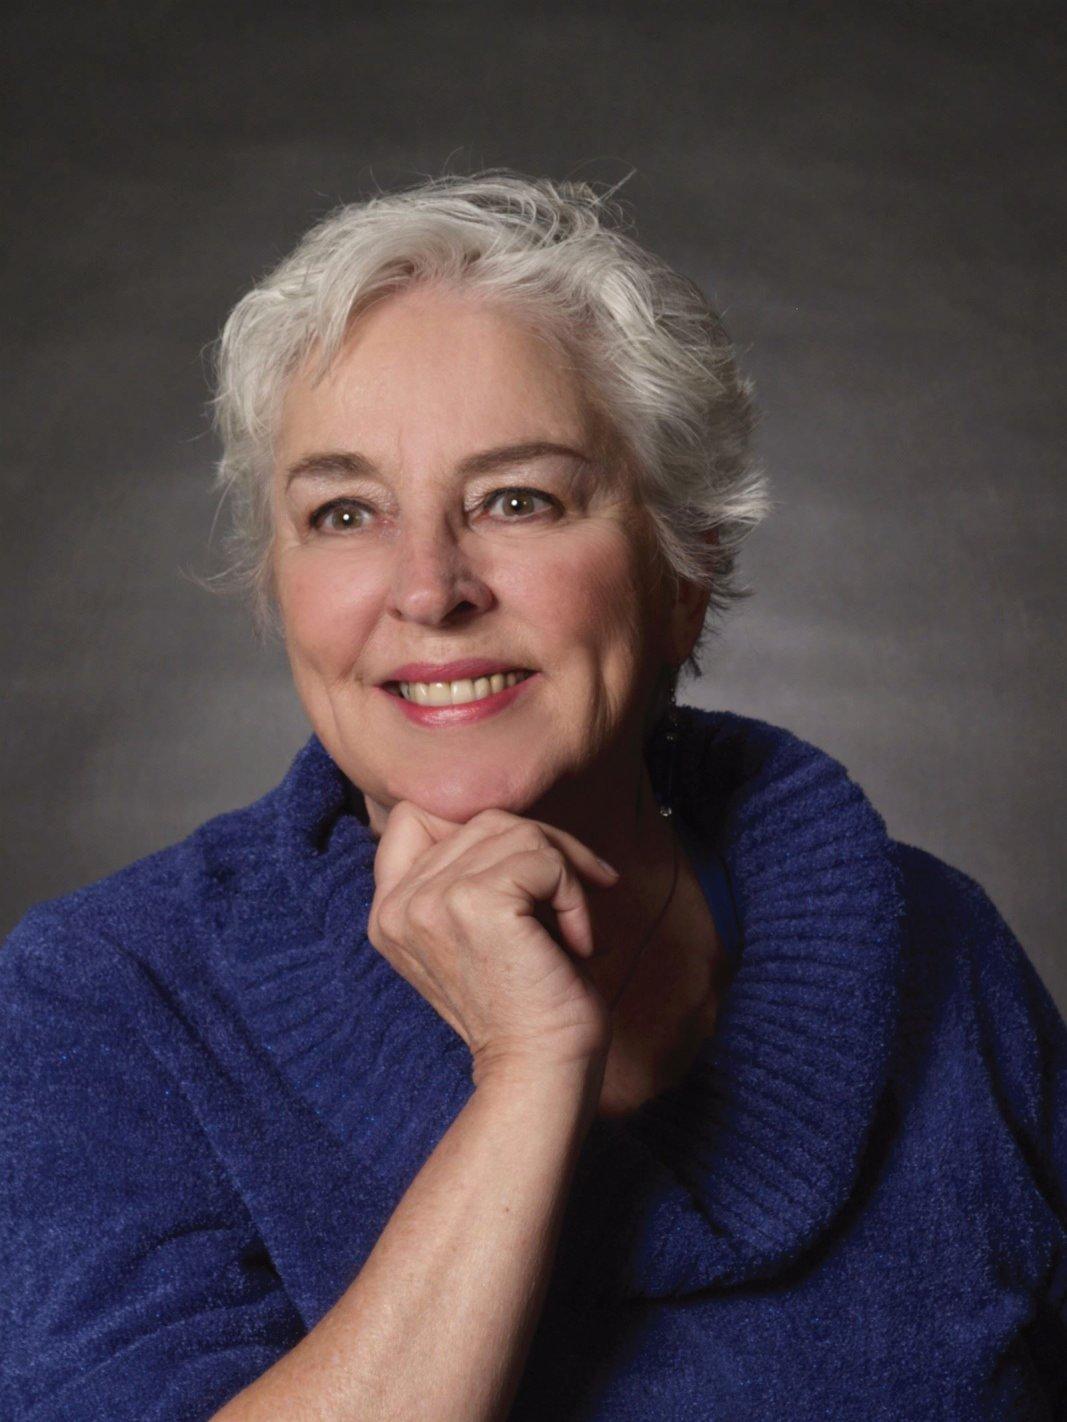 HiRes 5649147350101D Rev. Eileen Douglas, Minister, Teacher, Writer, Friend along the spiritual path.